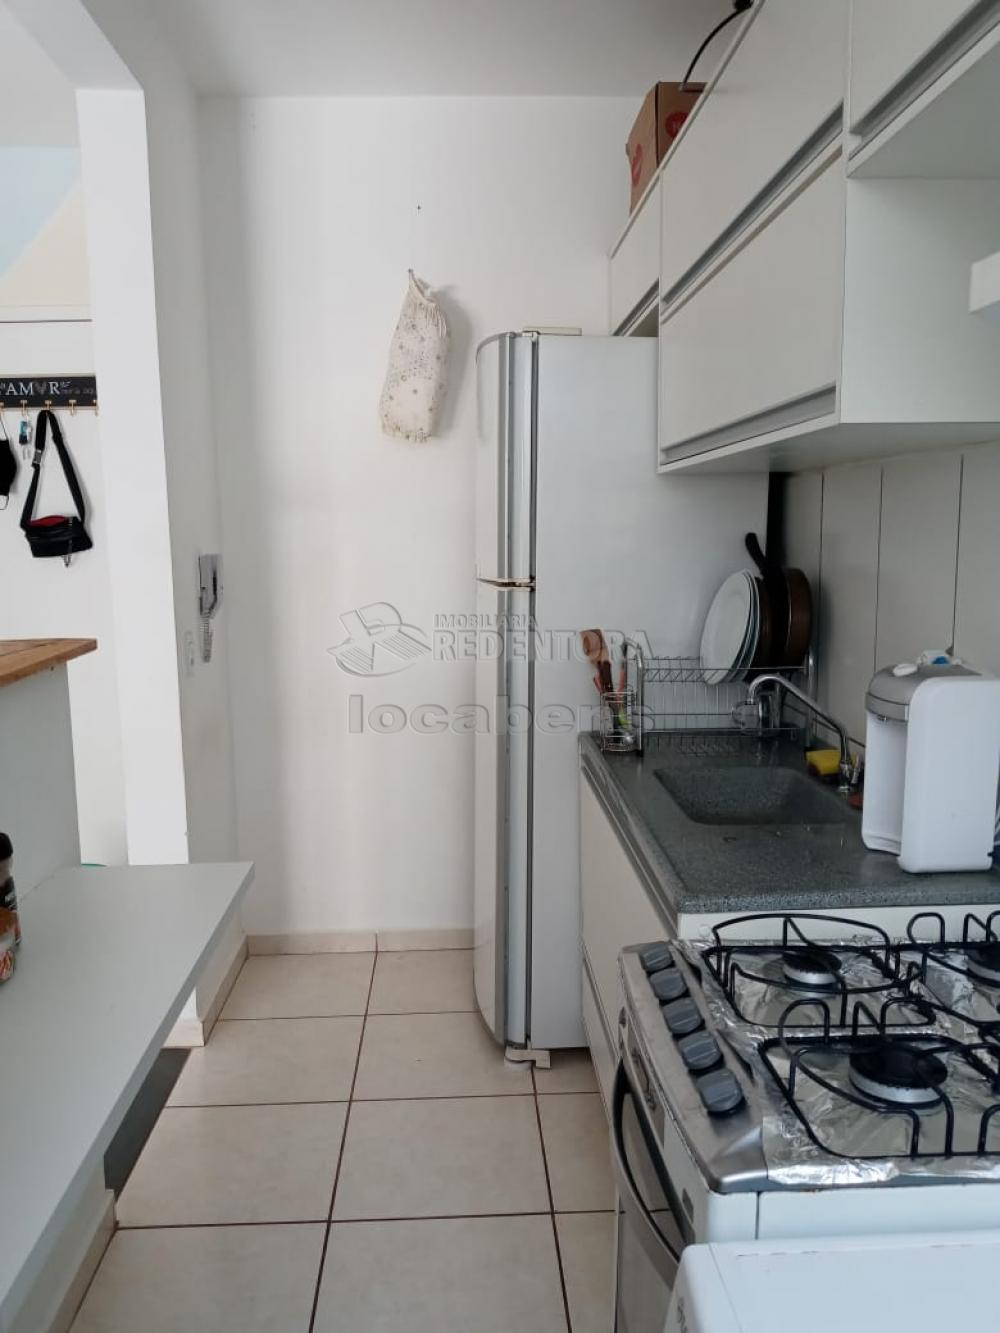 Comprar Apartamento / Padrão em São José do Rio Preto R$ 210.000,00 - Foto 5